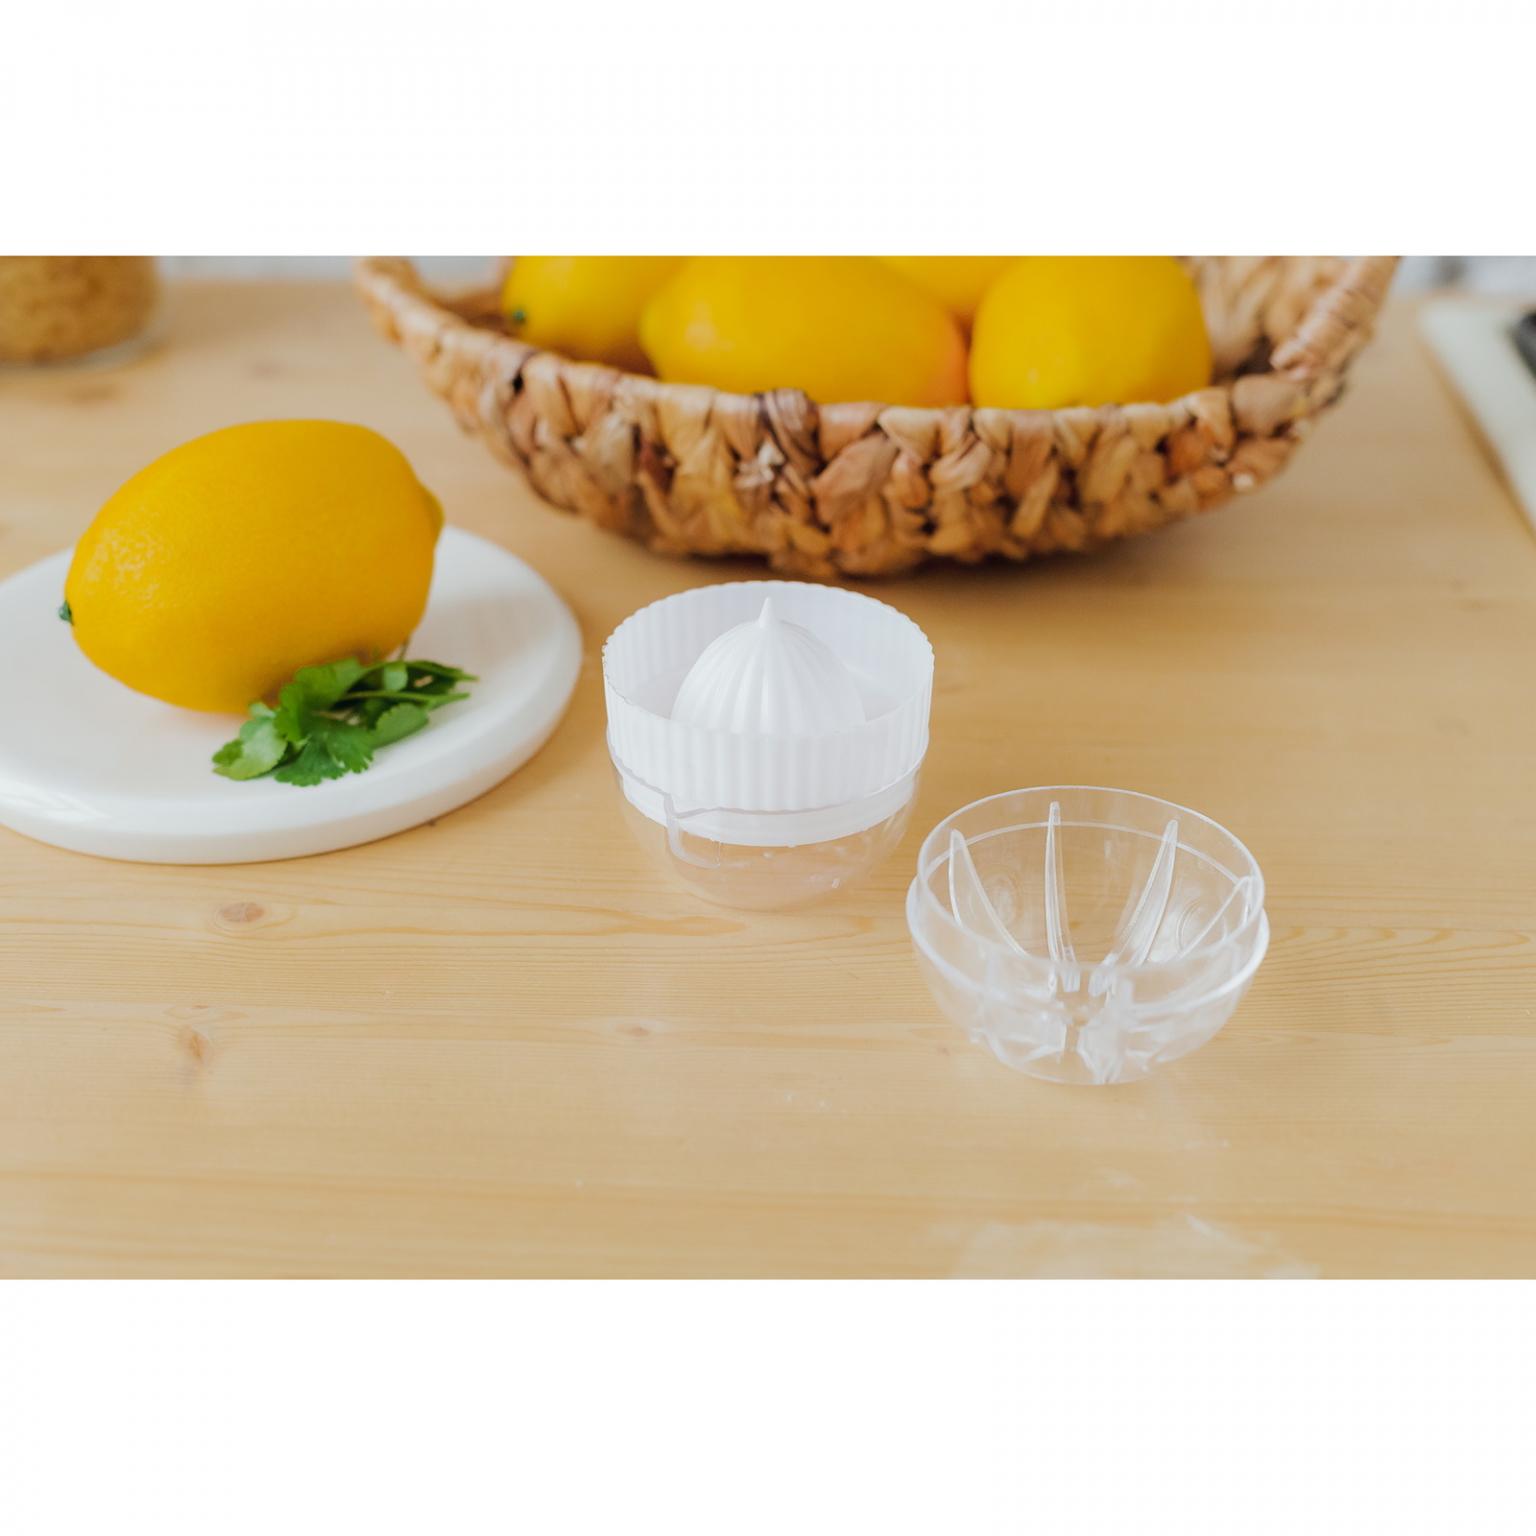 Соковыжималка для цитрусовых с лотком и крышкой диаметр 7,5 см